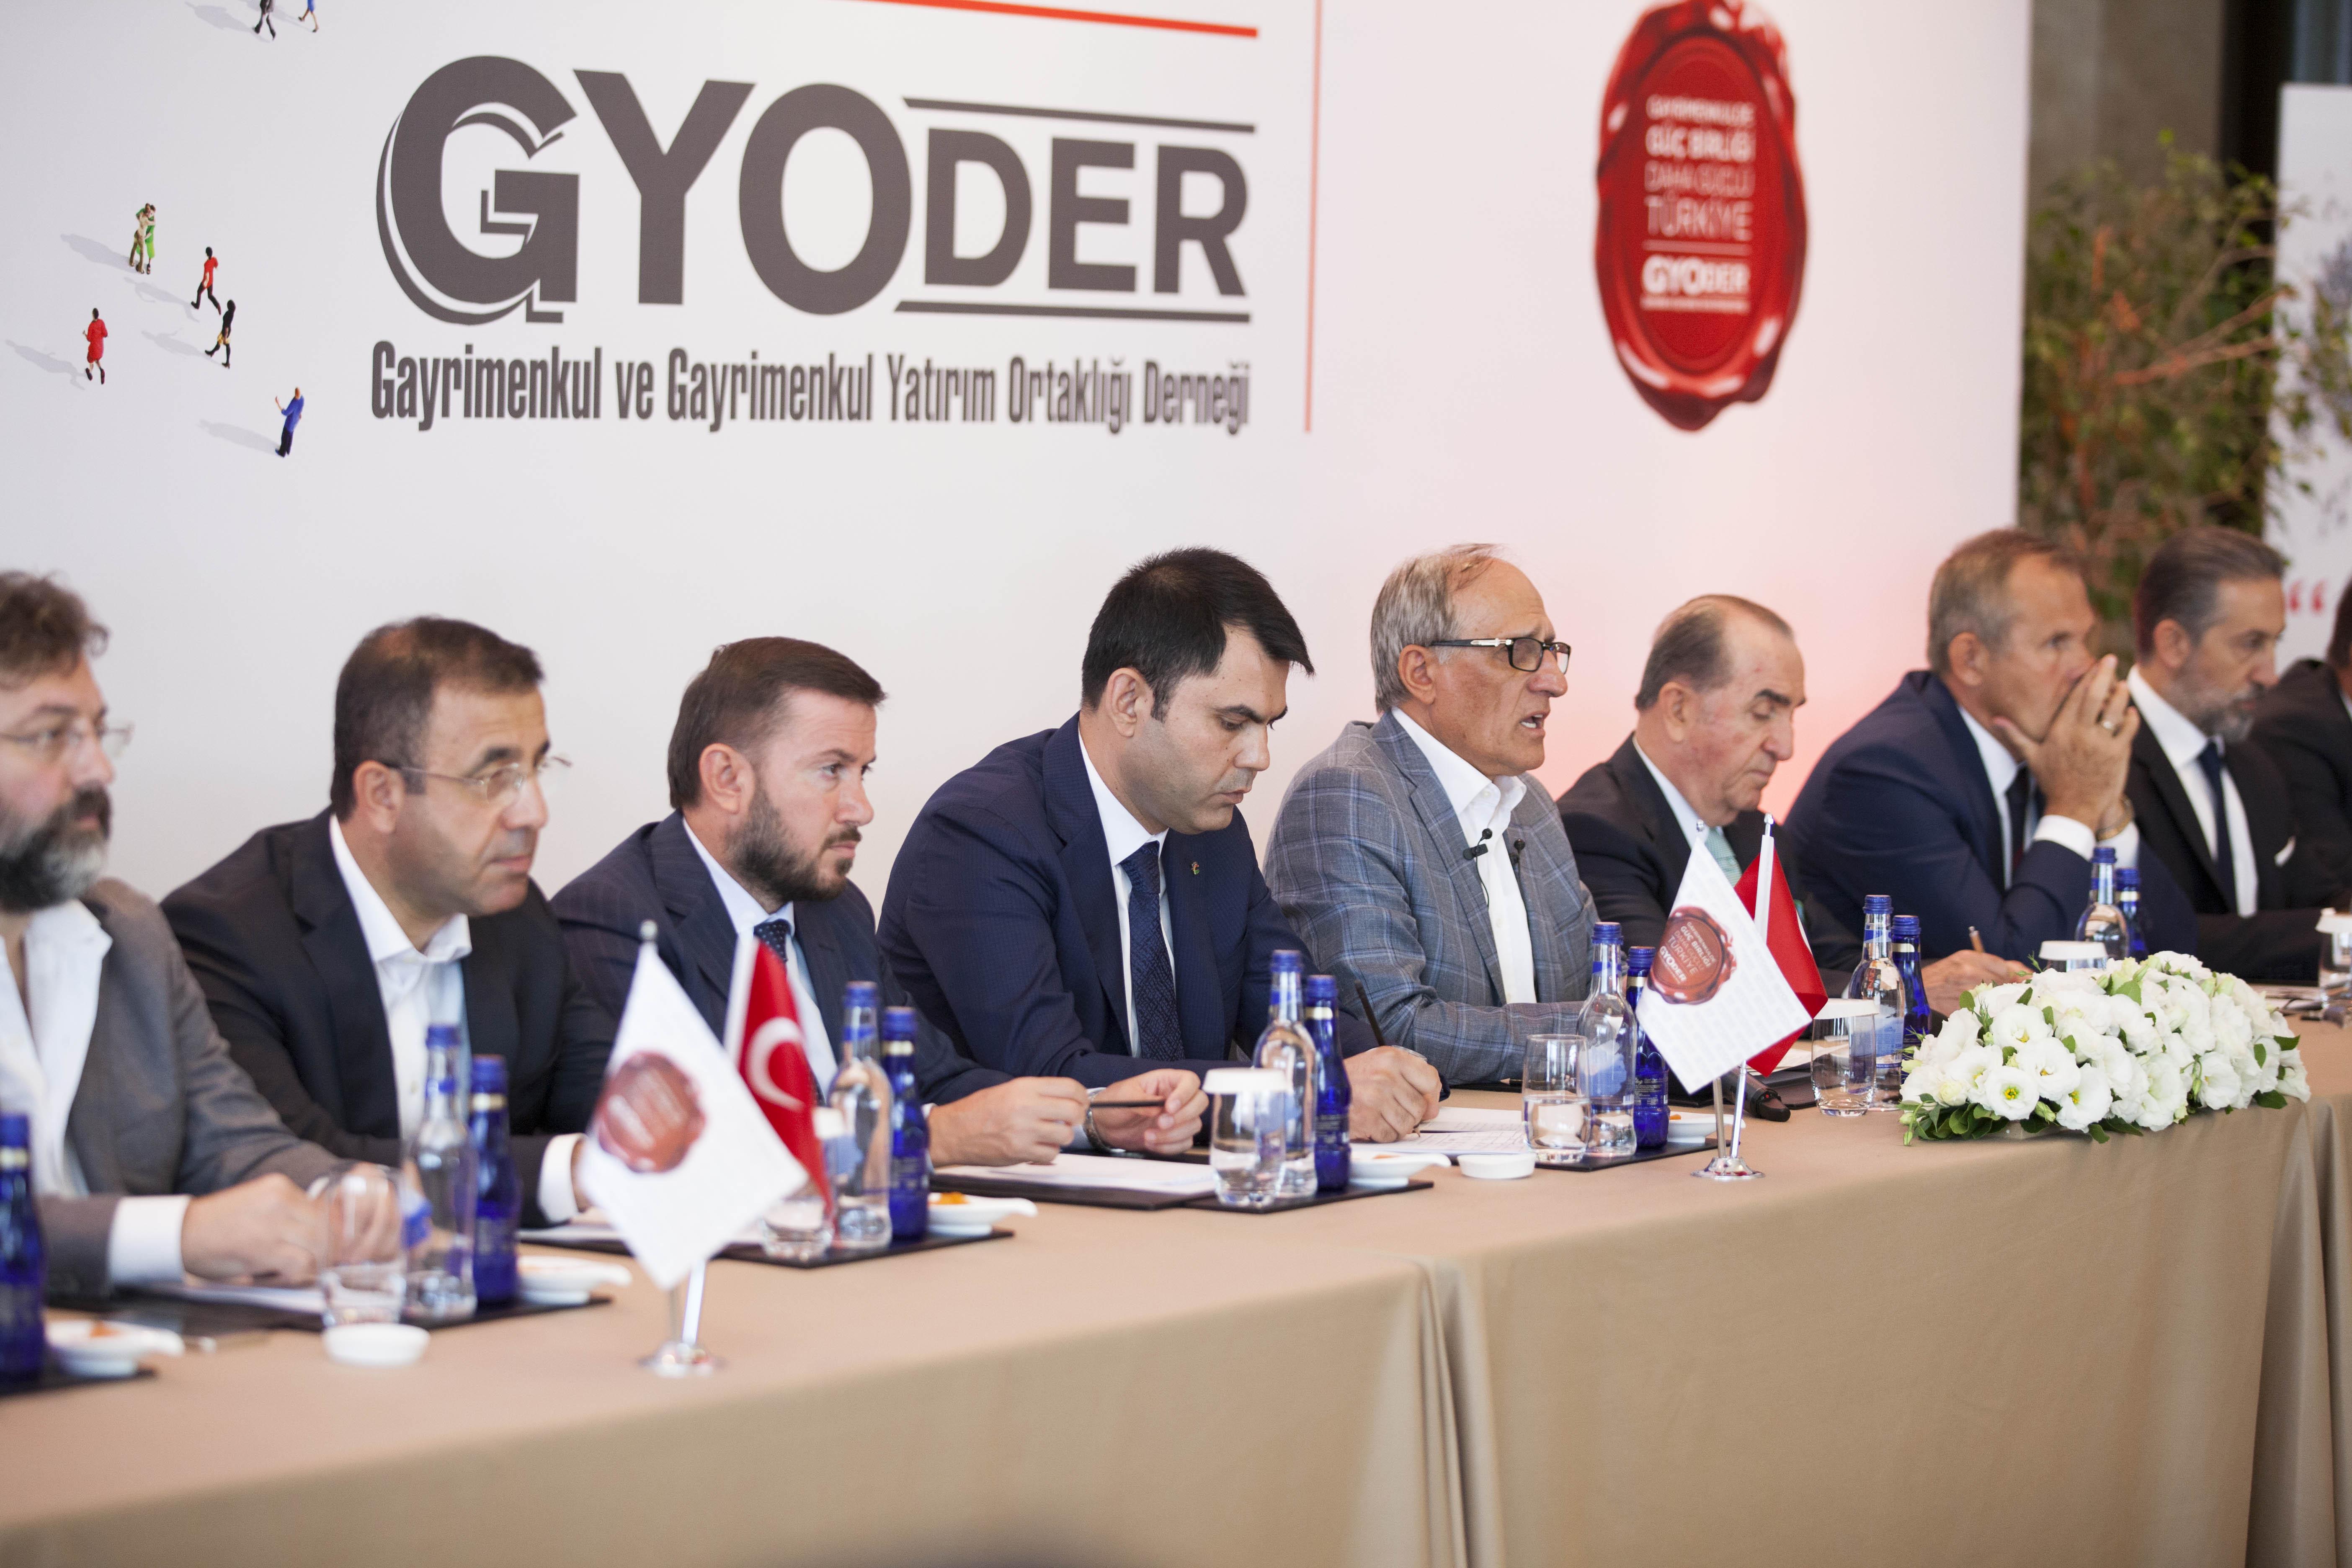 GYODER, Katarlı yatırımcıları Türkiye'de gayrimenkul yatırımına davet ediyor